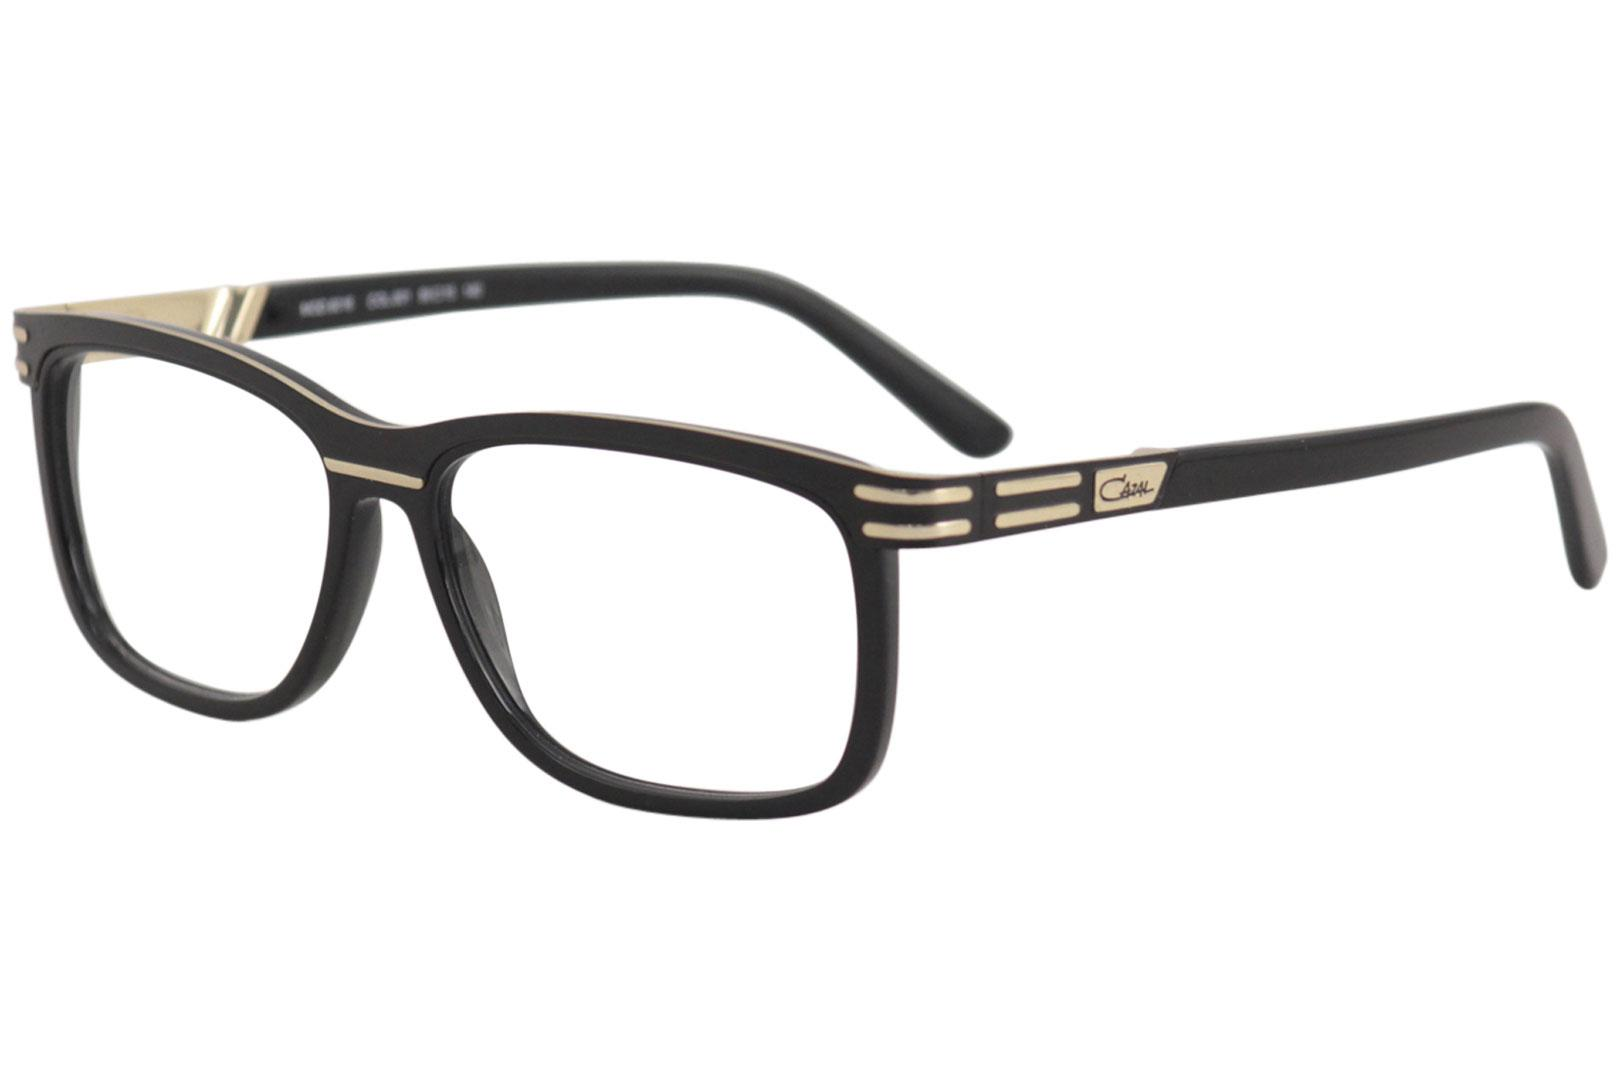 1b35eeb4bf620 Cazal Men s Eyeglasses 6016 001 Black Gold Full Rim Optical Frame ...